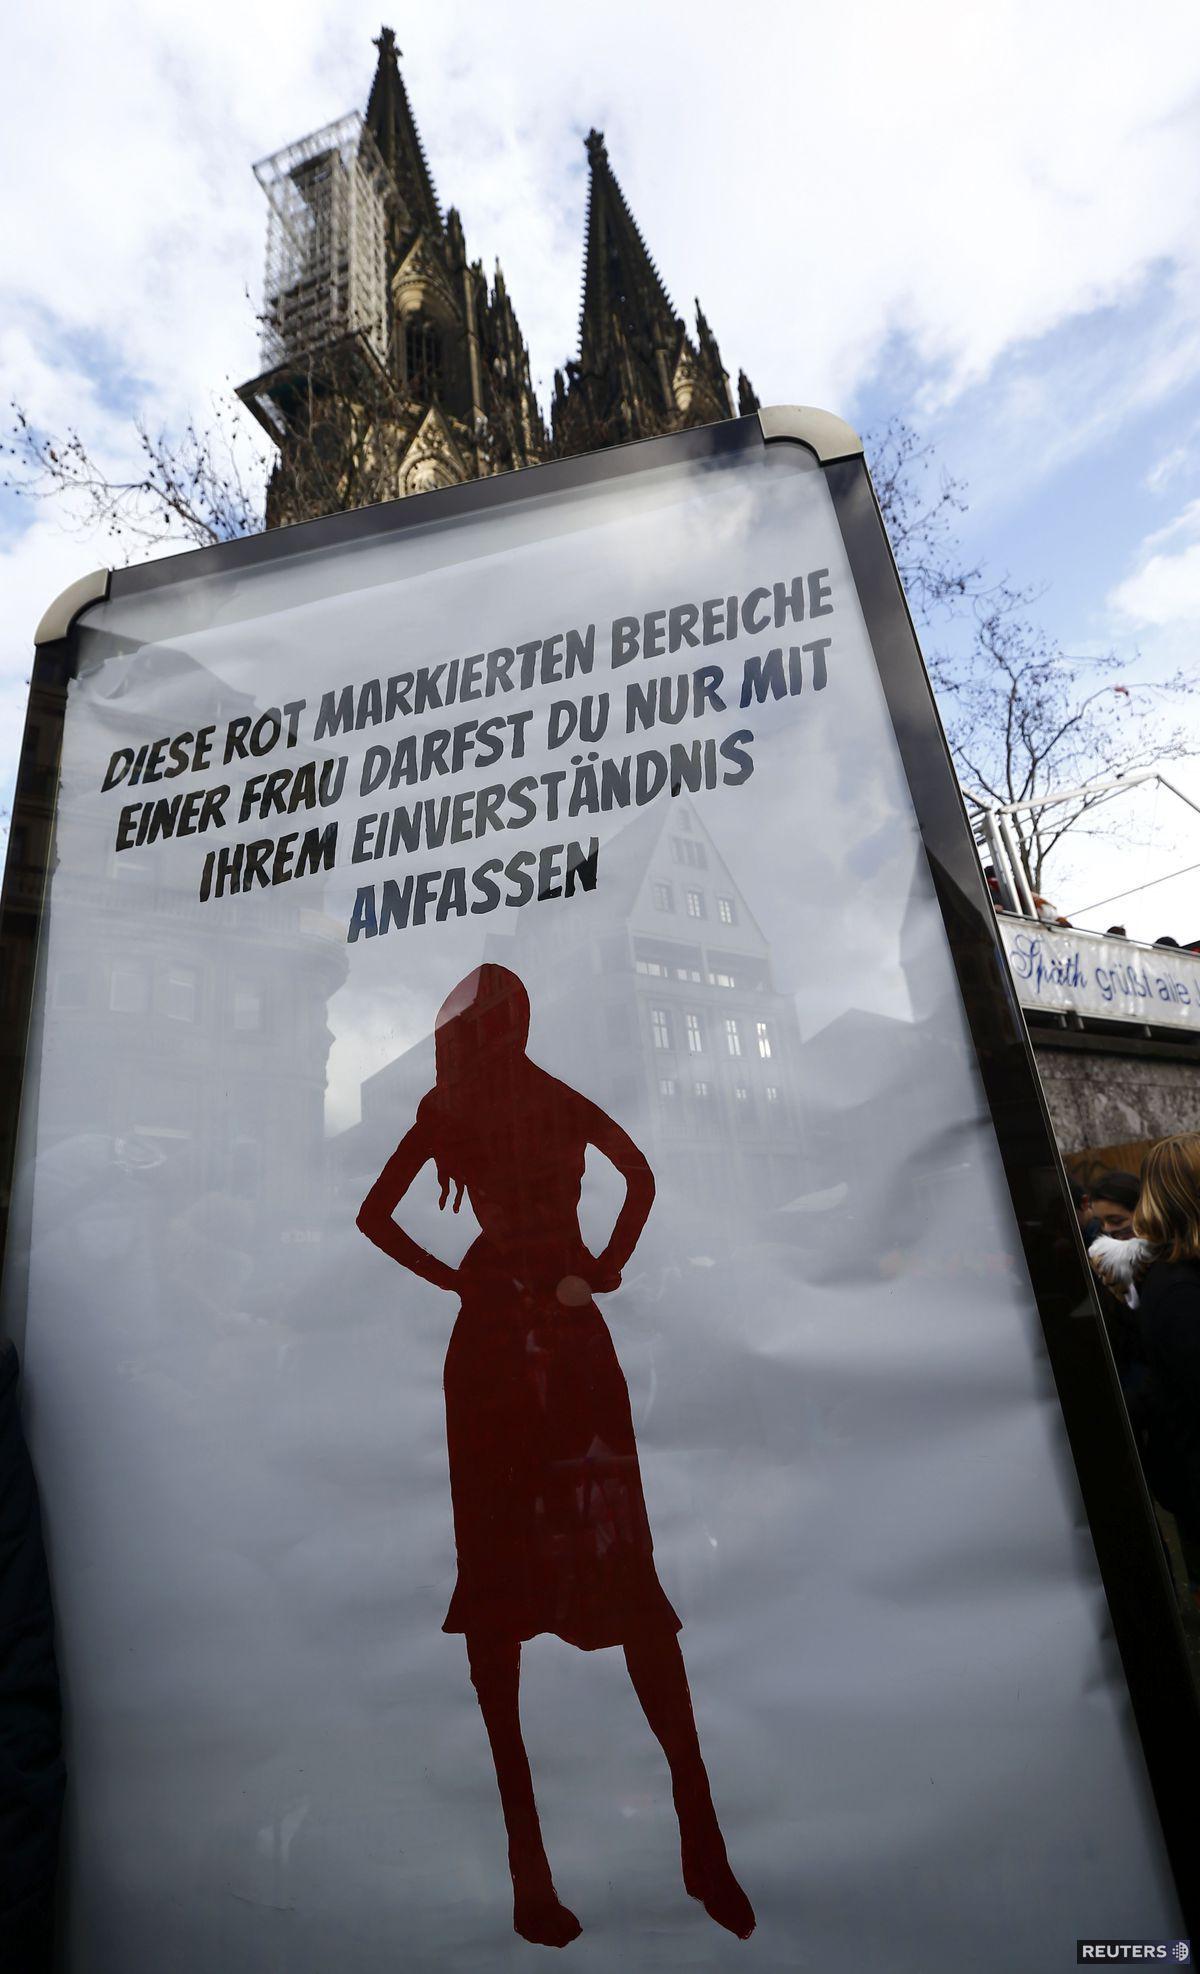 Počas nedávneho kolínskeho karnevalu s v meste nachádzali plagáty s textom: 'Máš povolené dotýkať sa iba tejto označenej červenej oblasti na žene, a to s jej súhlasom.'